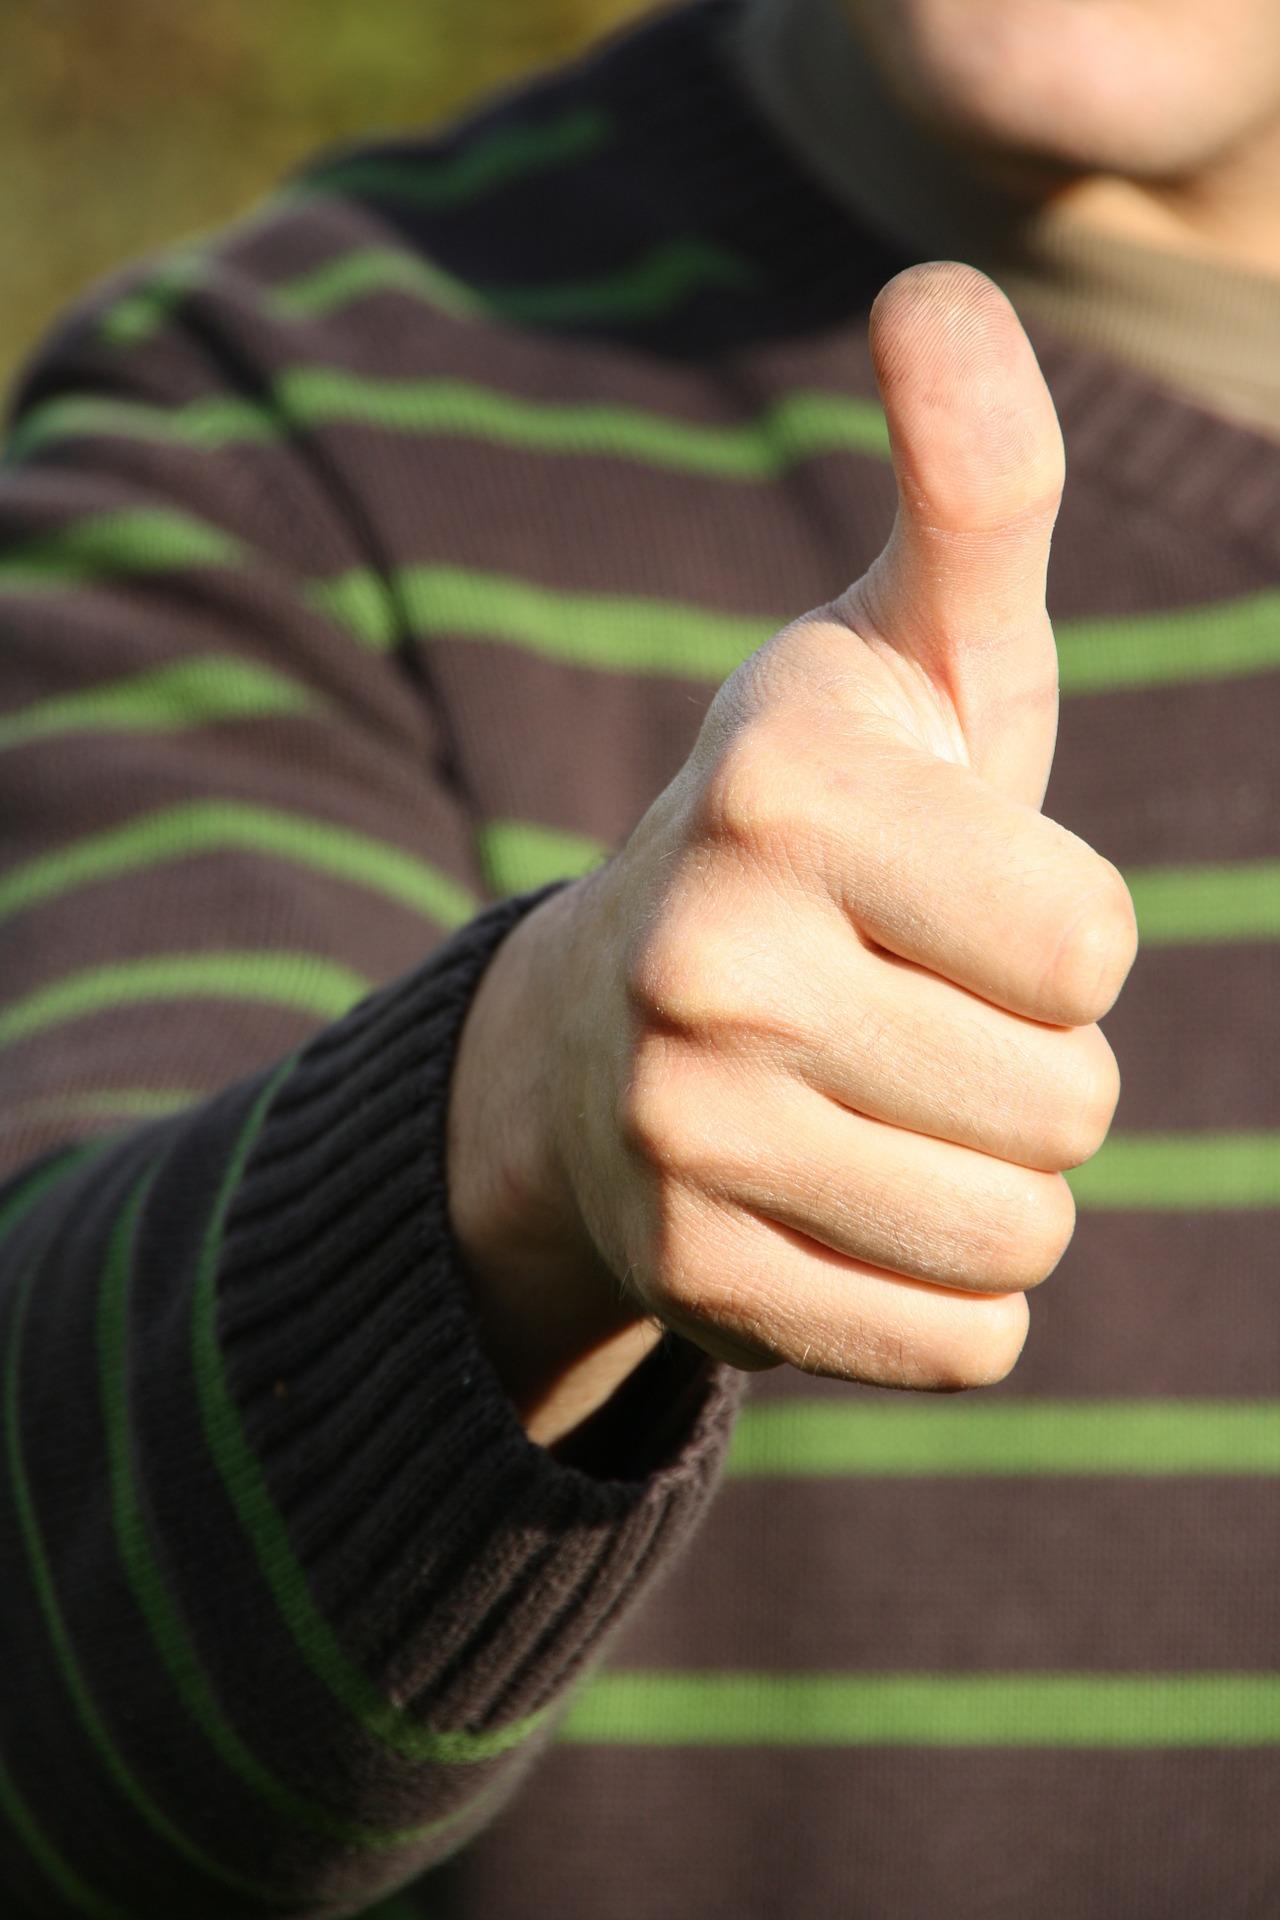 daumen hoch-grüner pullover-mann-darum-nwb immobilien